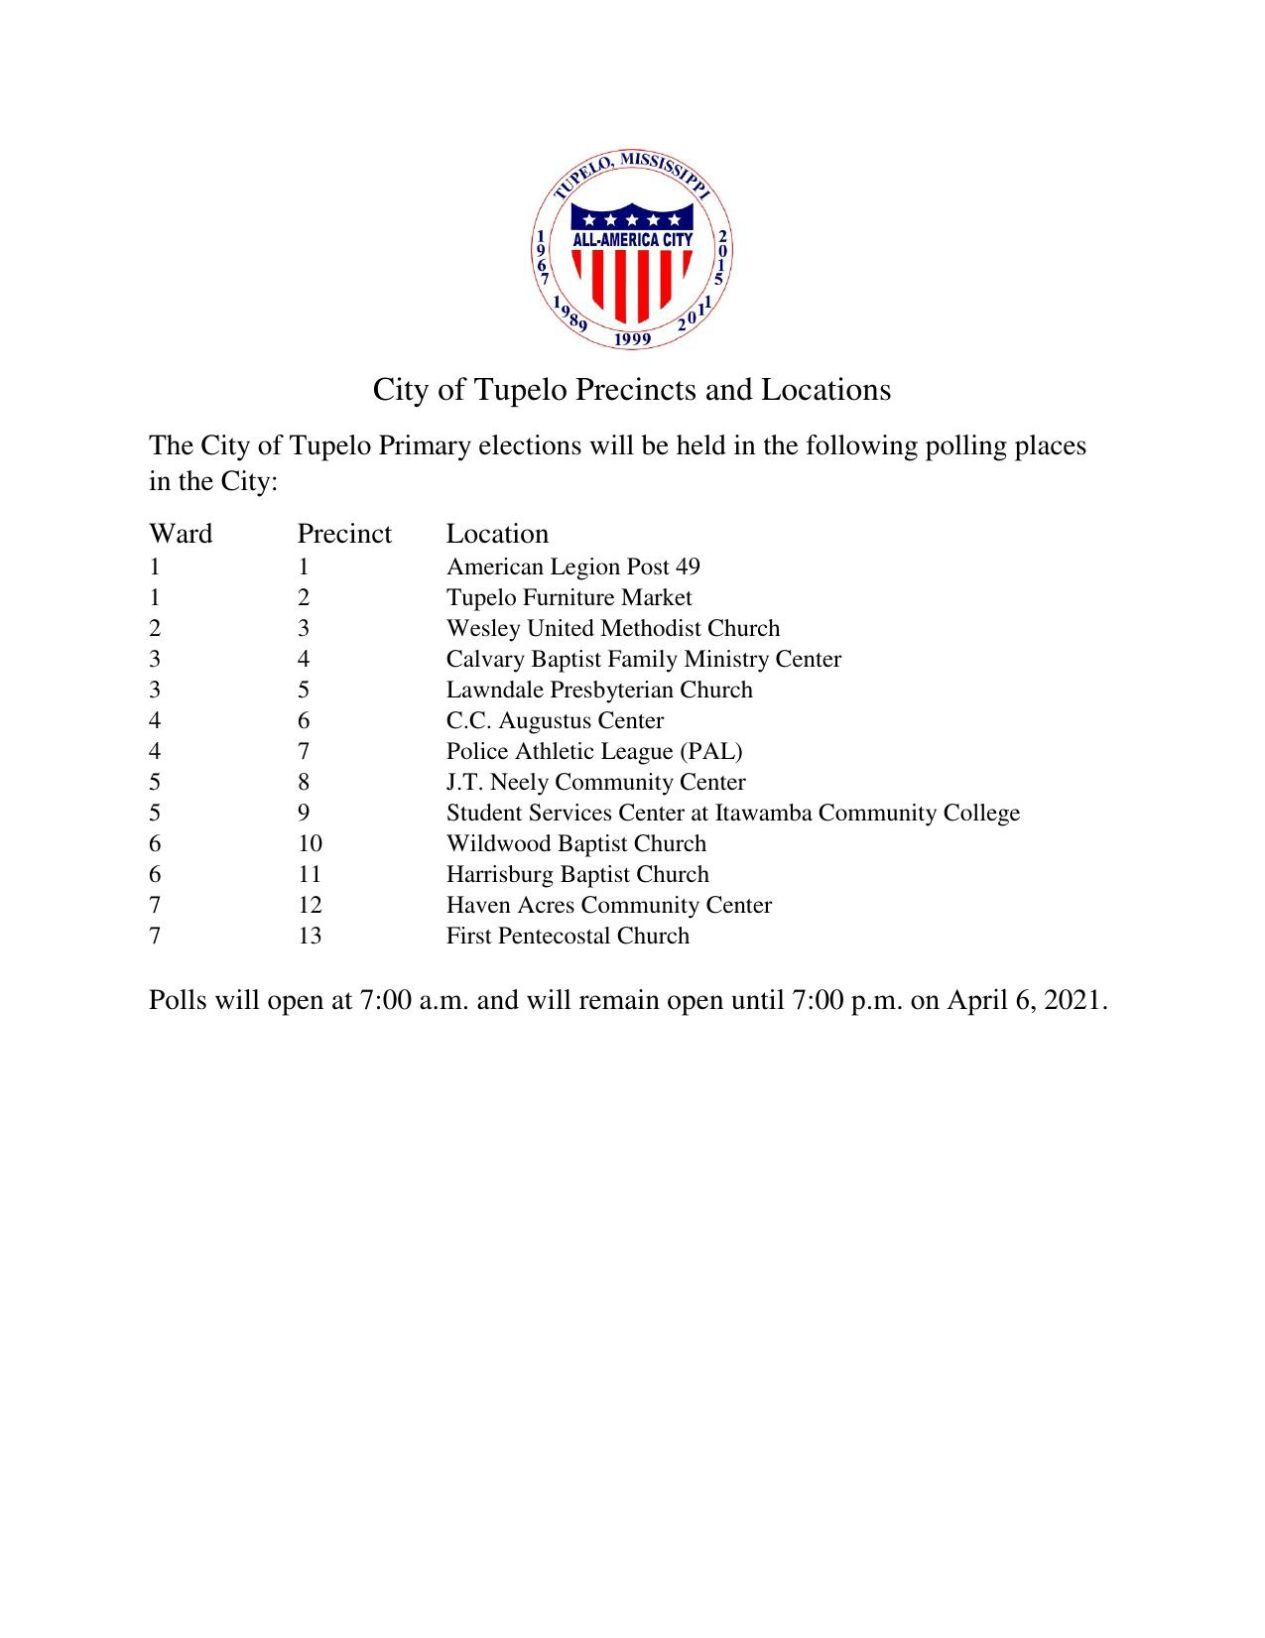 City precinct locations